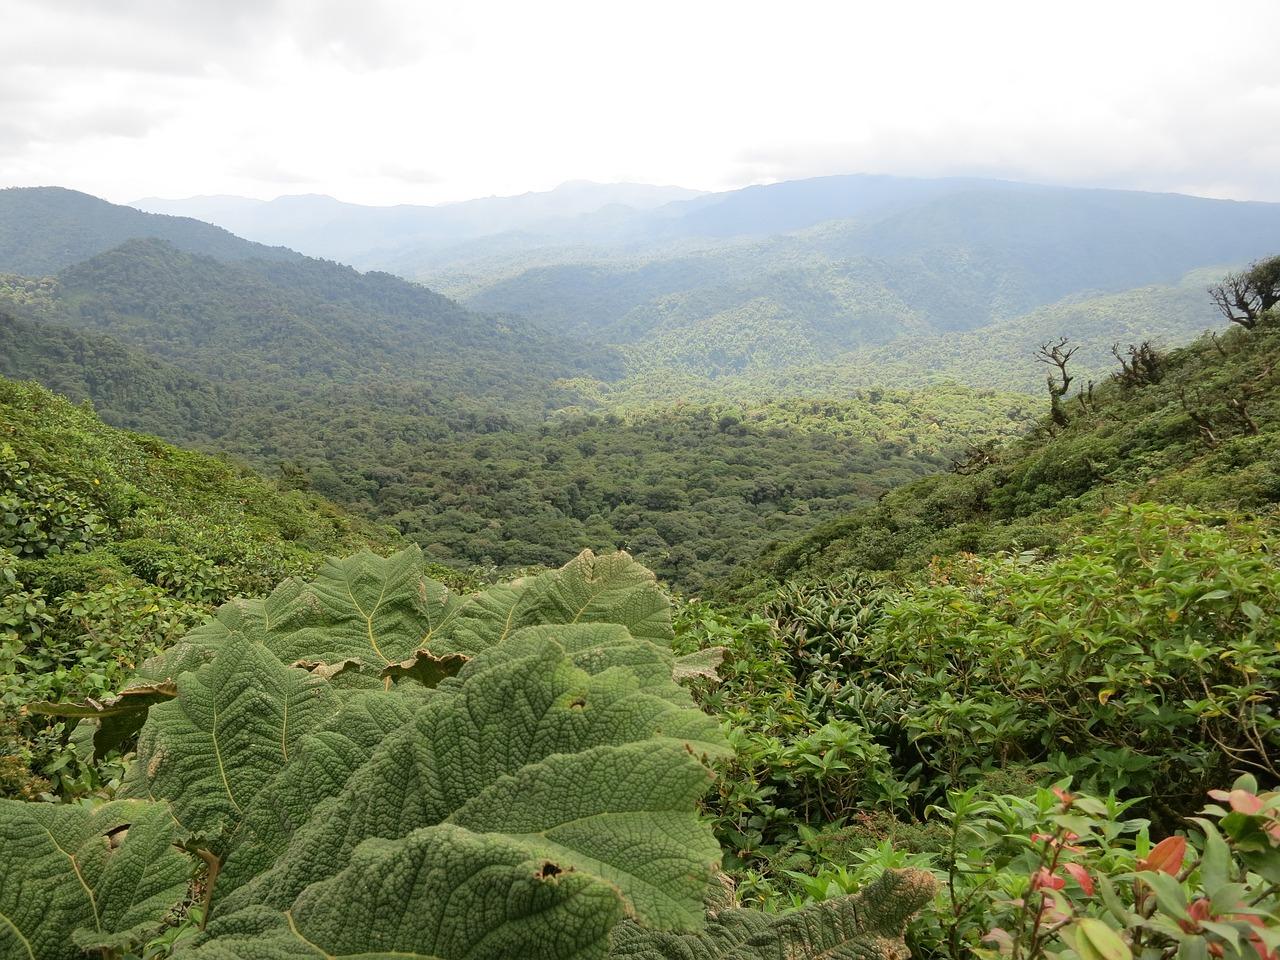 El capital natural de Costa Rica tiene un valor de 14,500 mdd: análisis